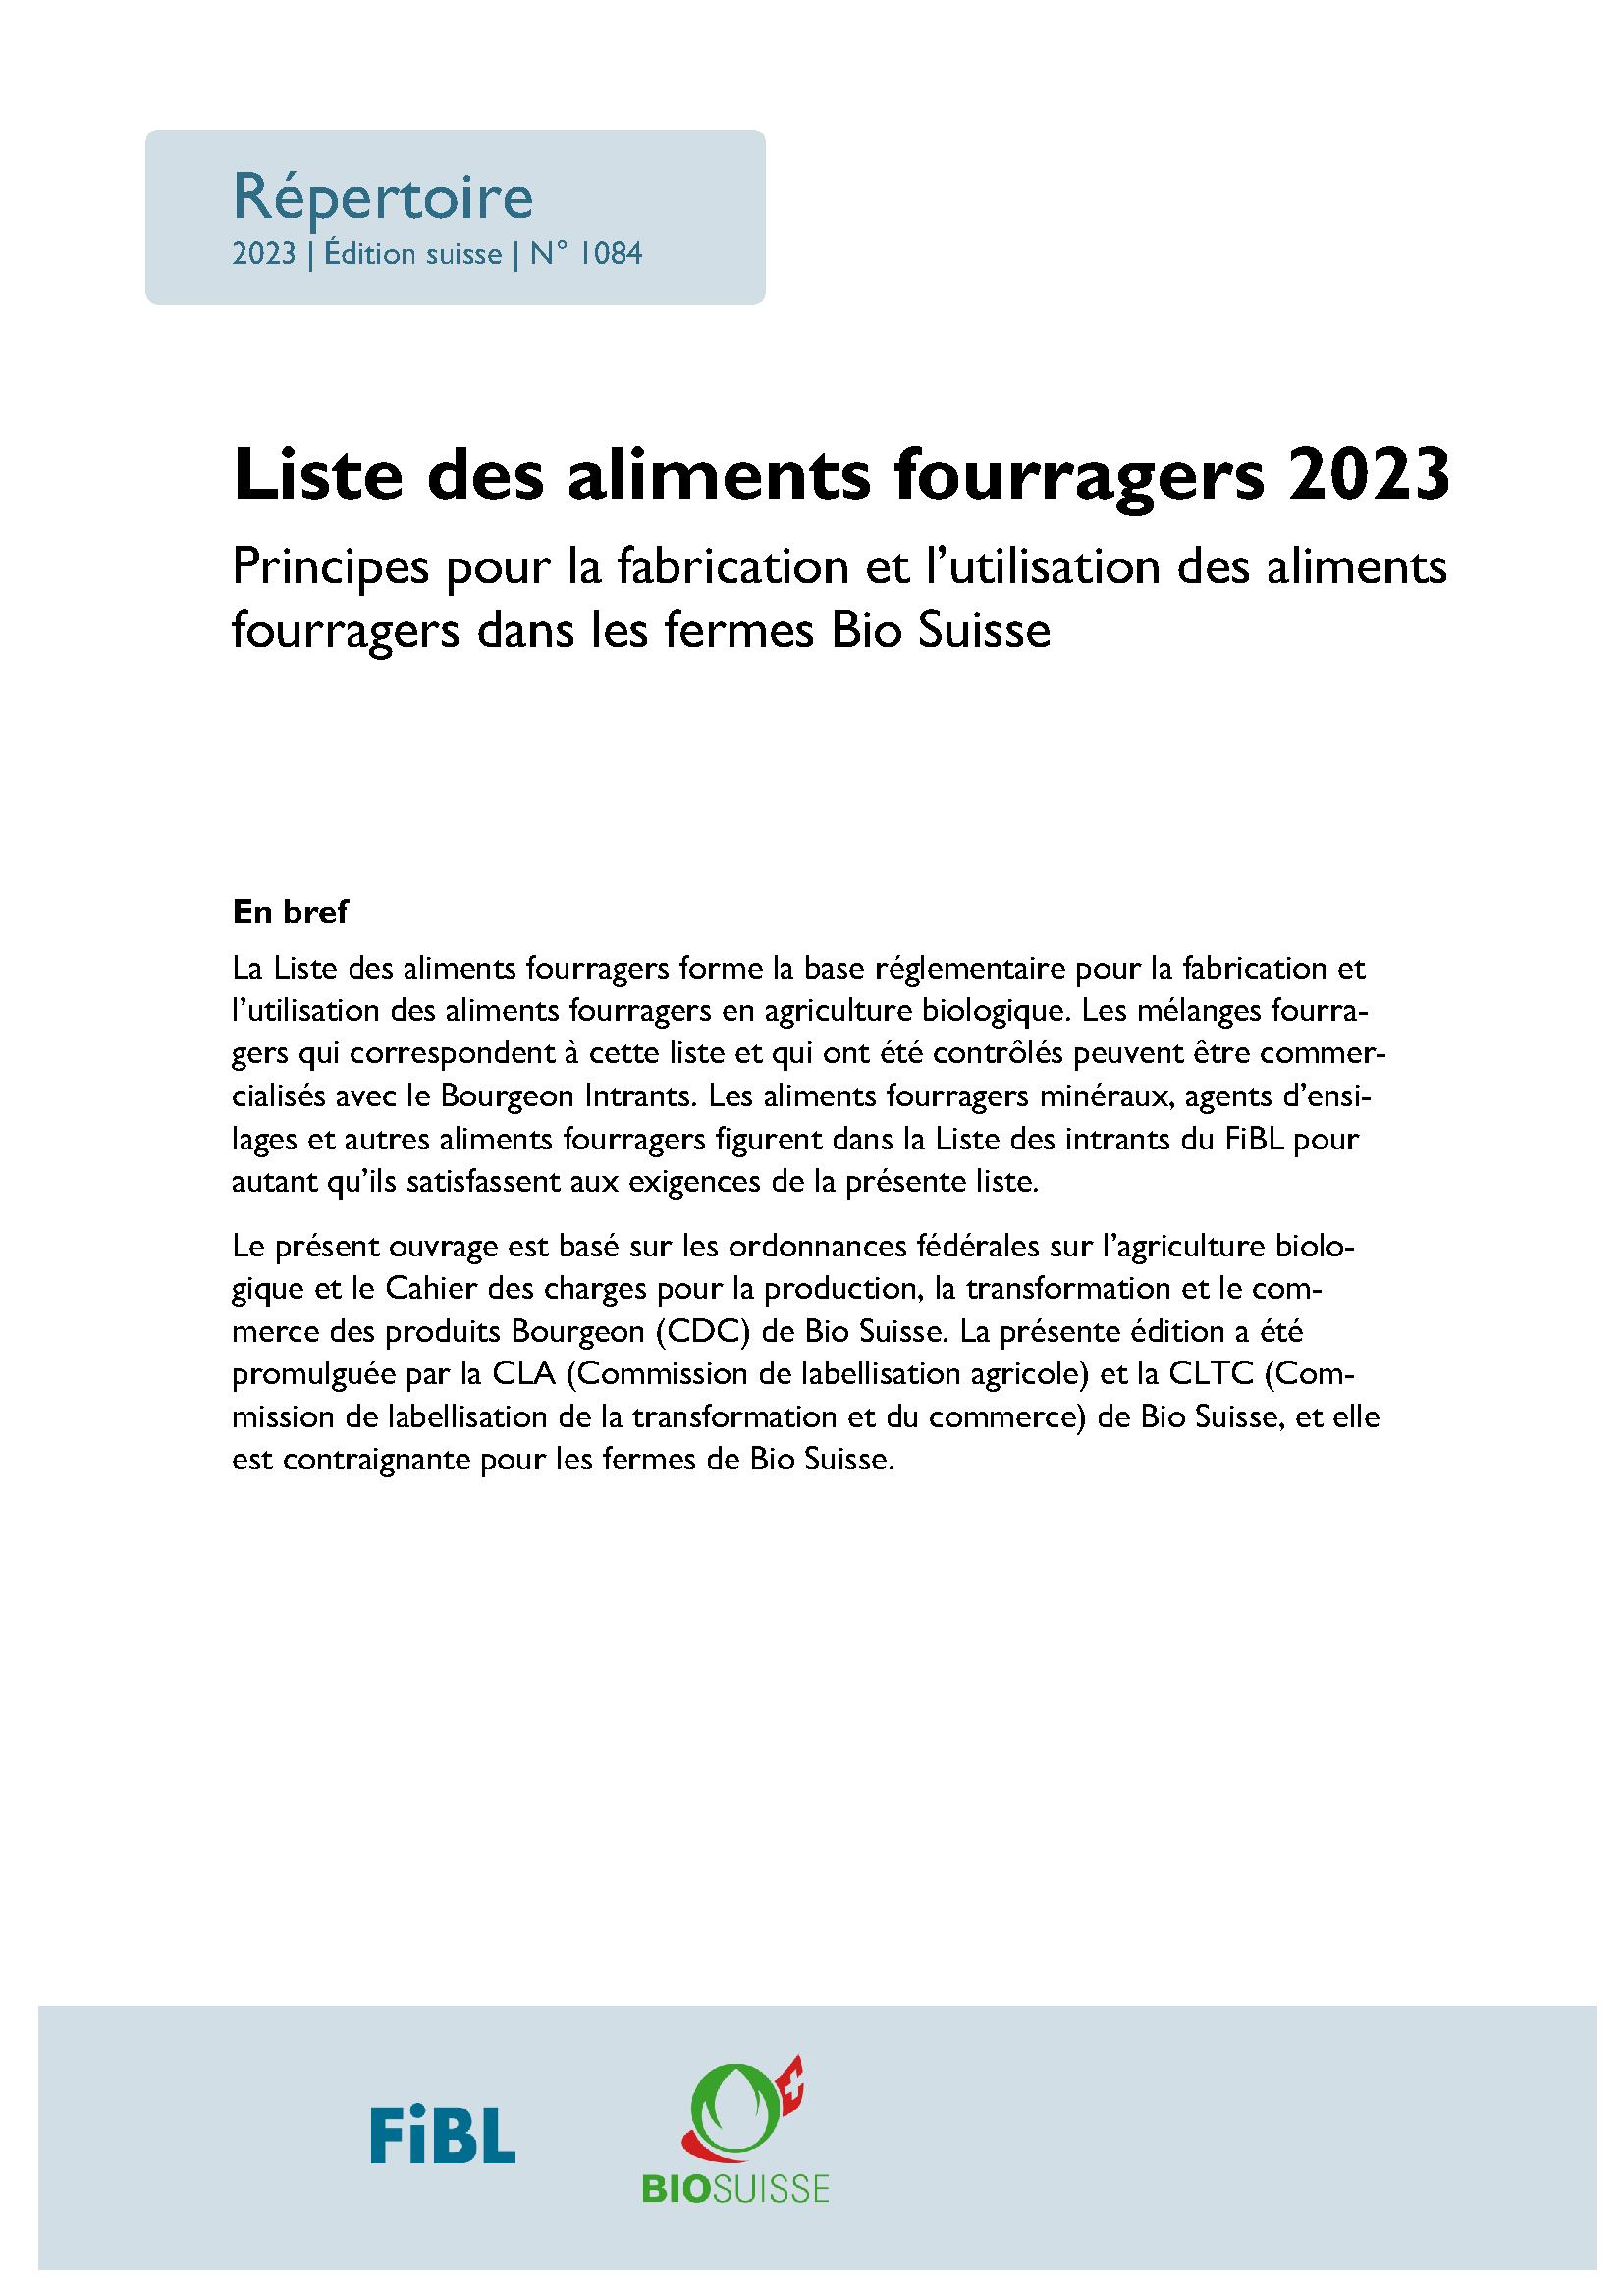 Liste des aliments fourragers 2021